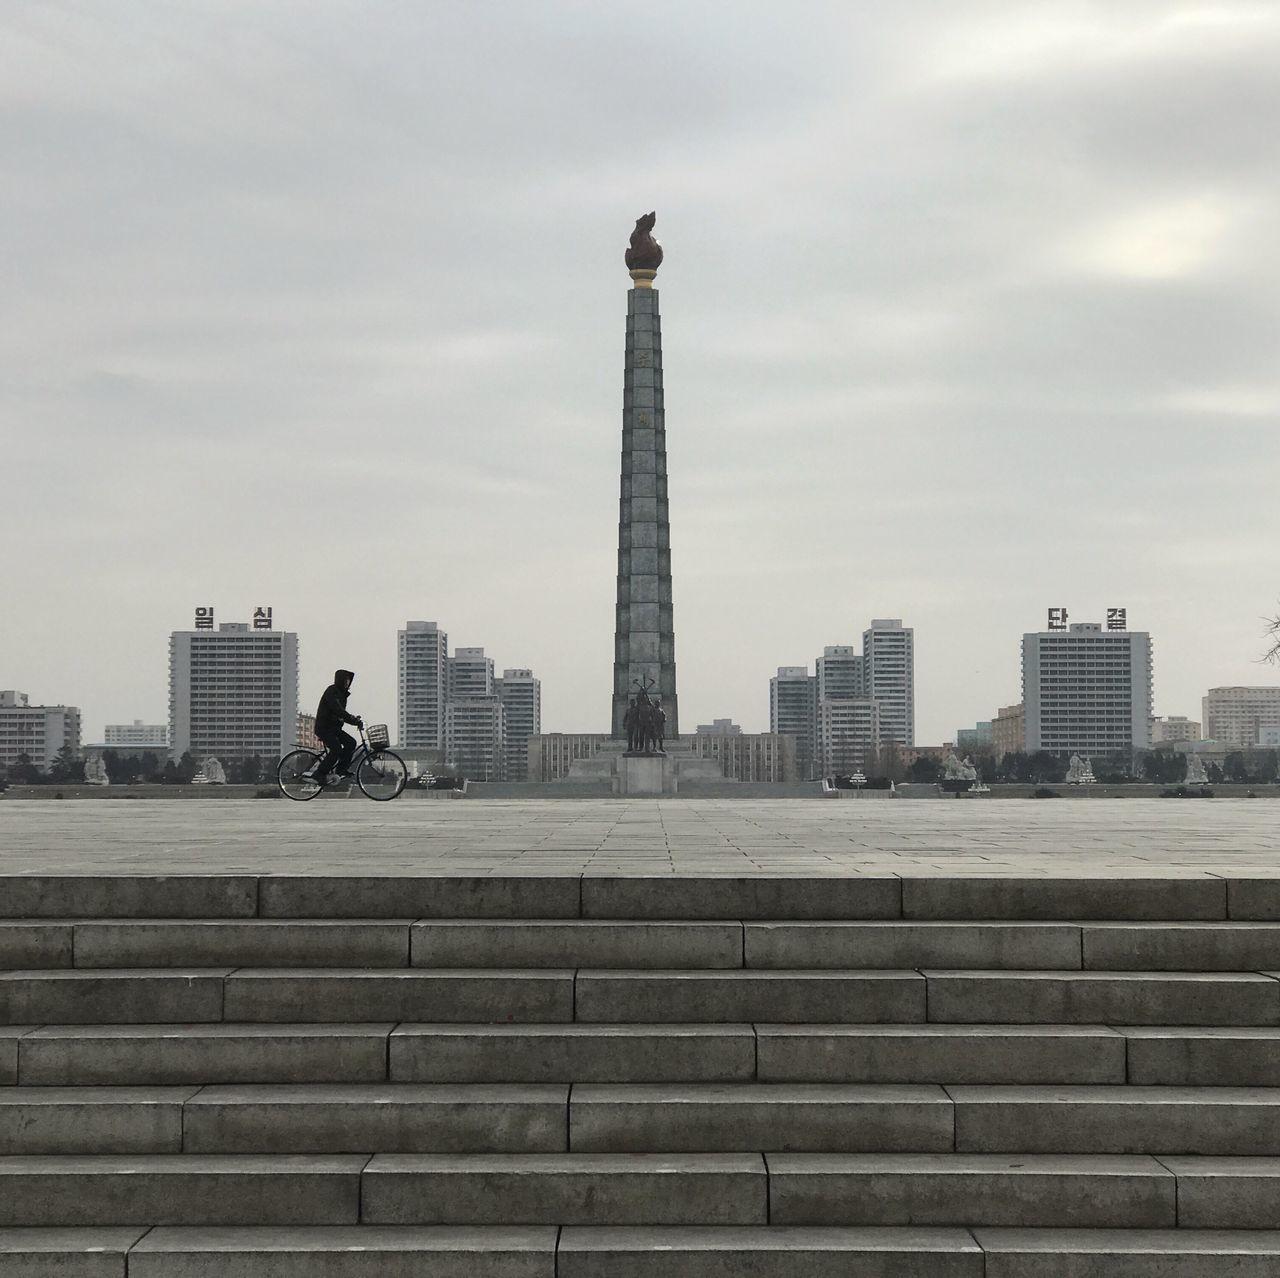 IPhone7Plus ShotOnIphone Shotoniphone7 Shotoniphone7plus DPRK North Korea Northkorea Pyongyang